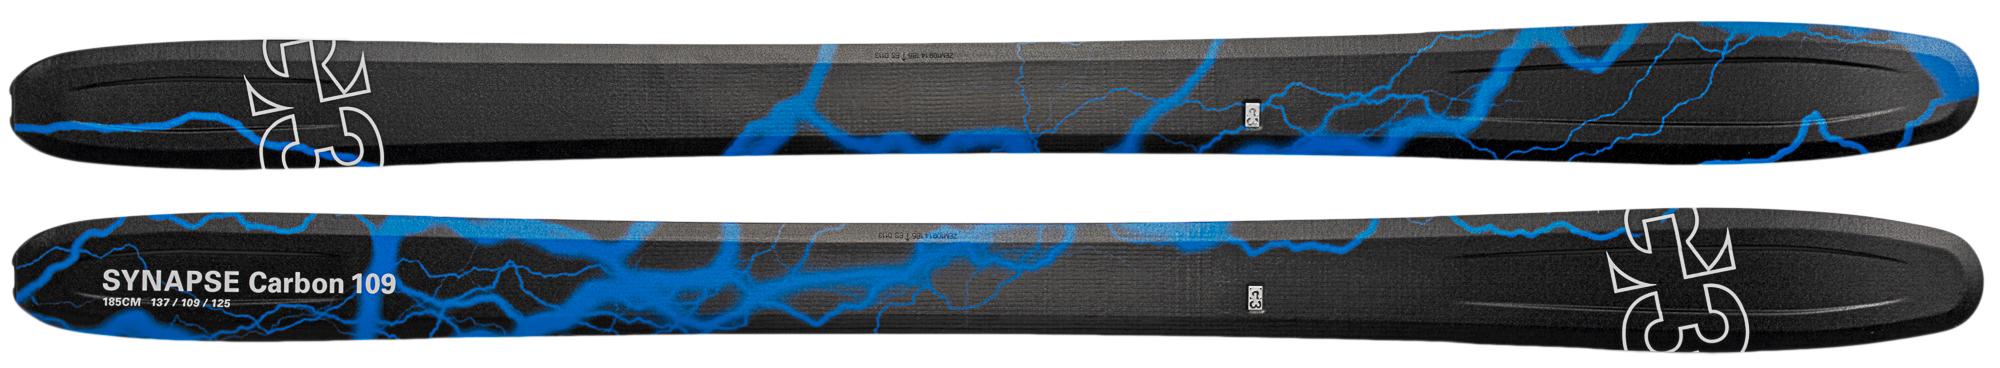 G3 : Synapse Carbon 109 185 / Coup de Coeur